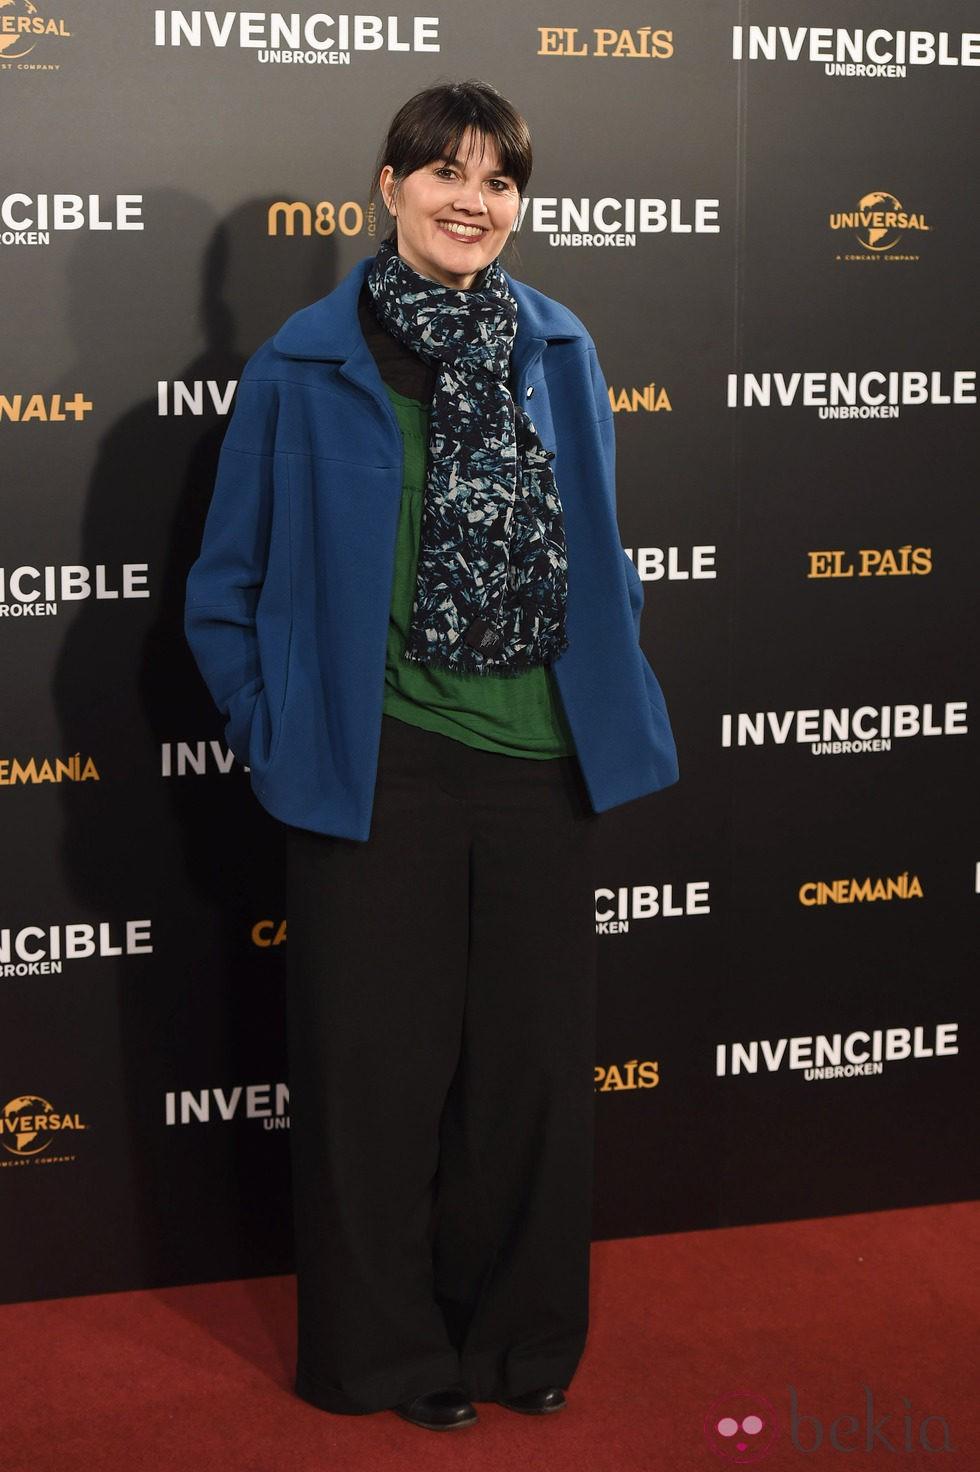 María Belón en el estreno de 'Invencible' en Madrid